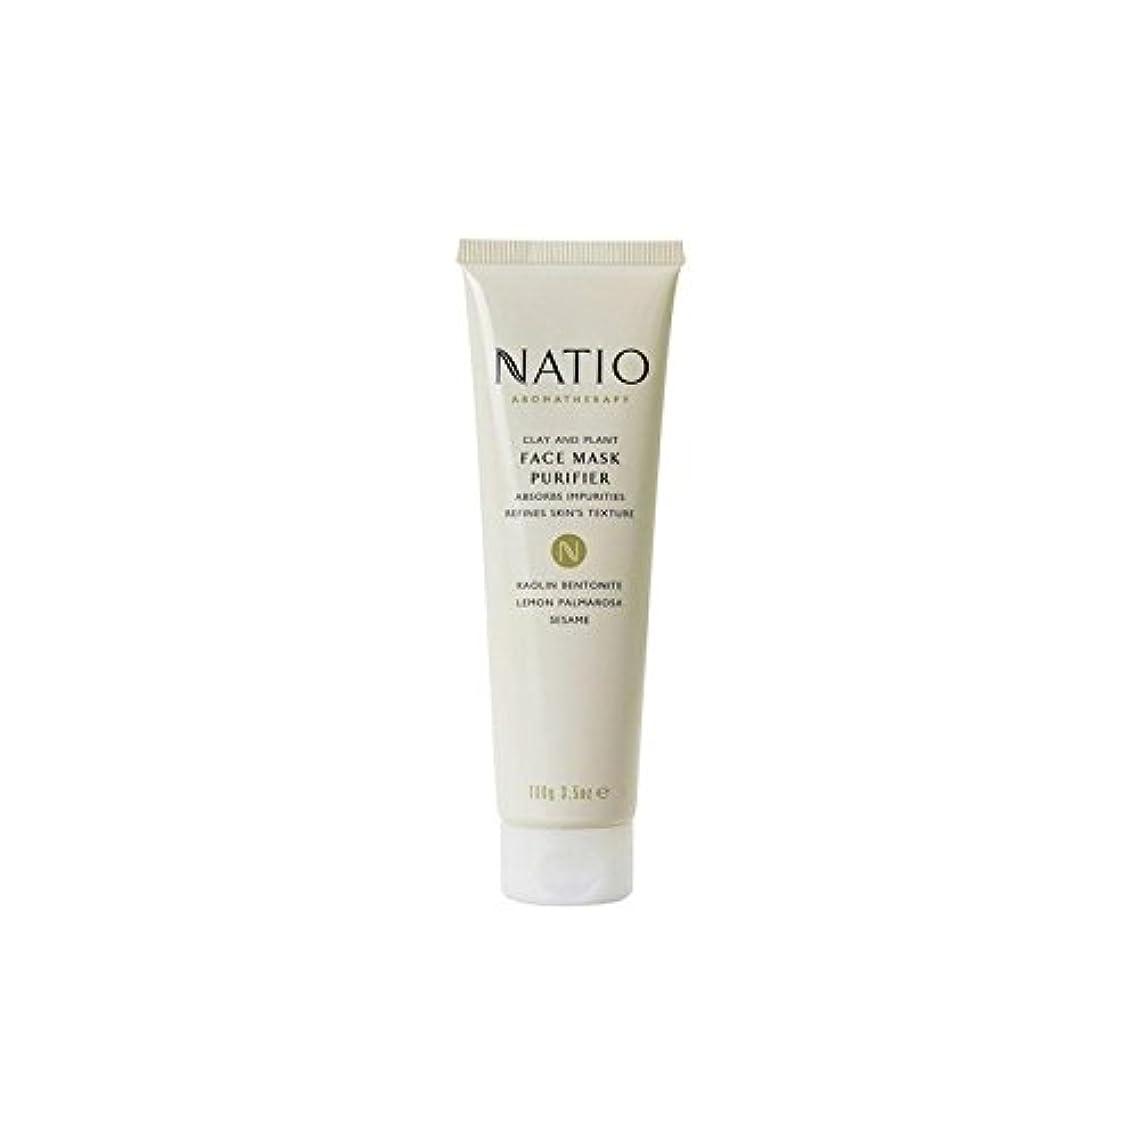 永続クレジット王室Natio Clay & Plant Face Mask Purifier (100G) (Pack of 6) - 粘土&植物フェイスマスクの浄化(100グラム) x6 [並行輸入品]